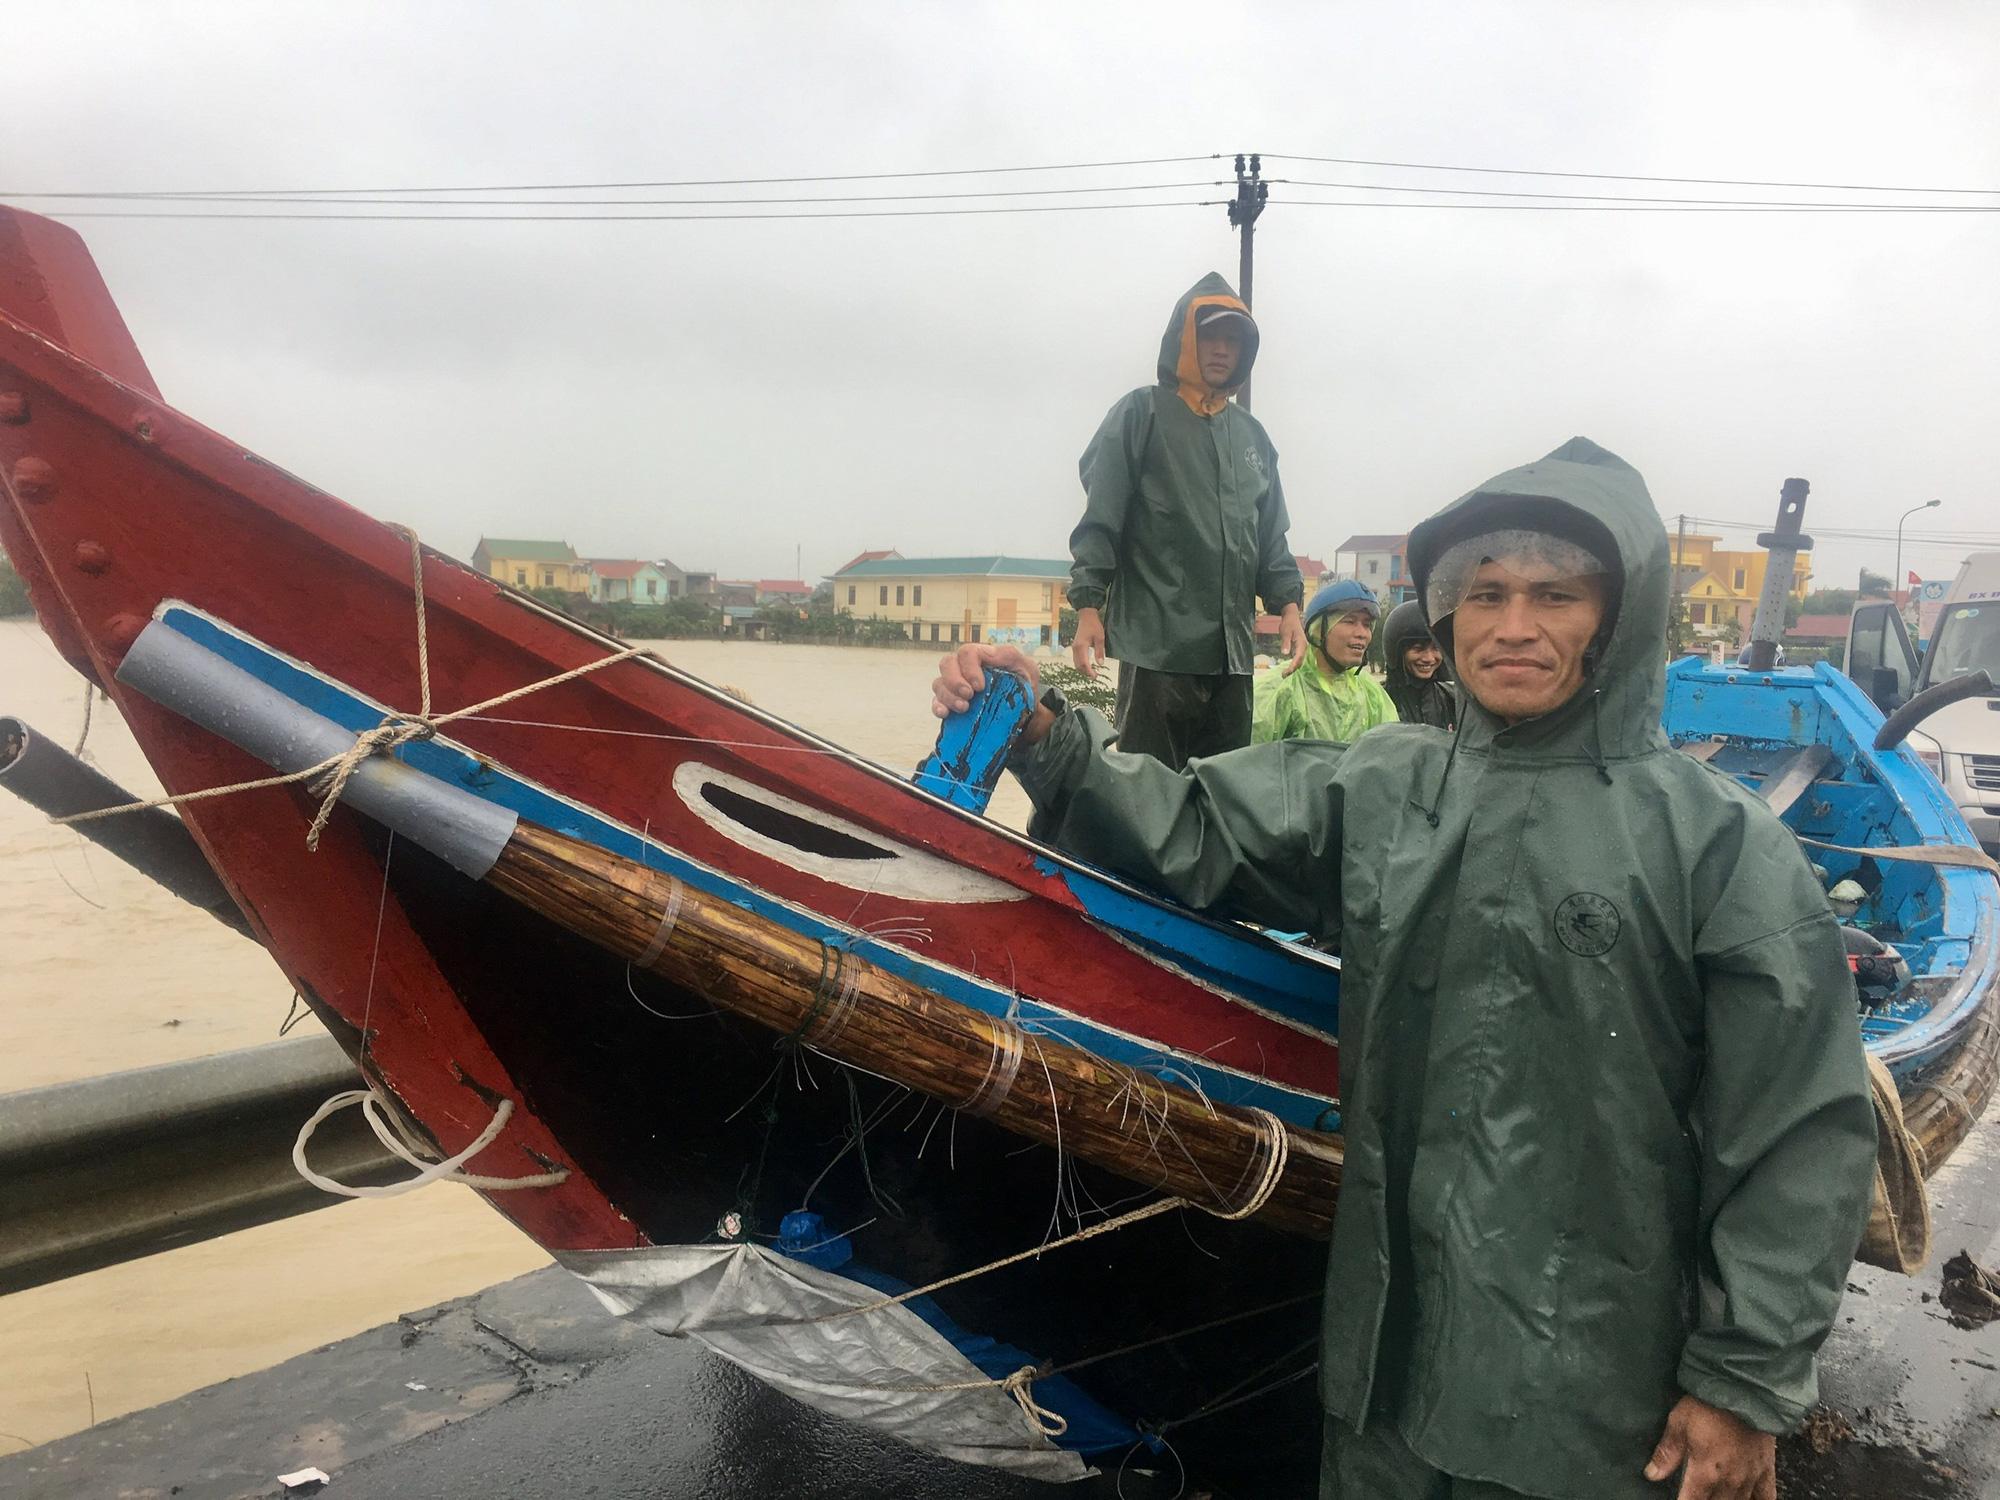 Quảng Bình: Ngư dân đưa tàu lên bờ tìm cứu nông dân - Ảnh 1.